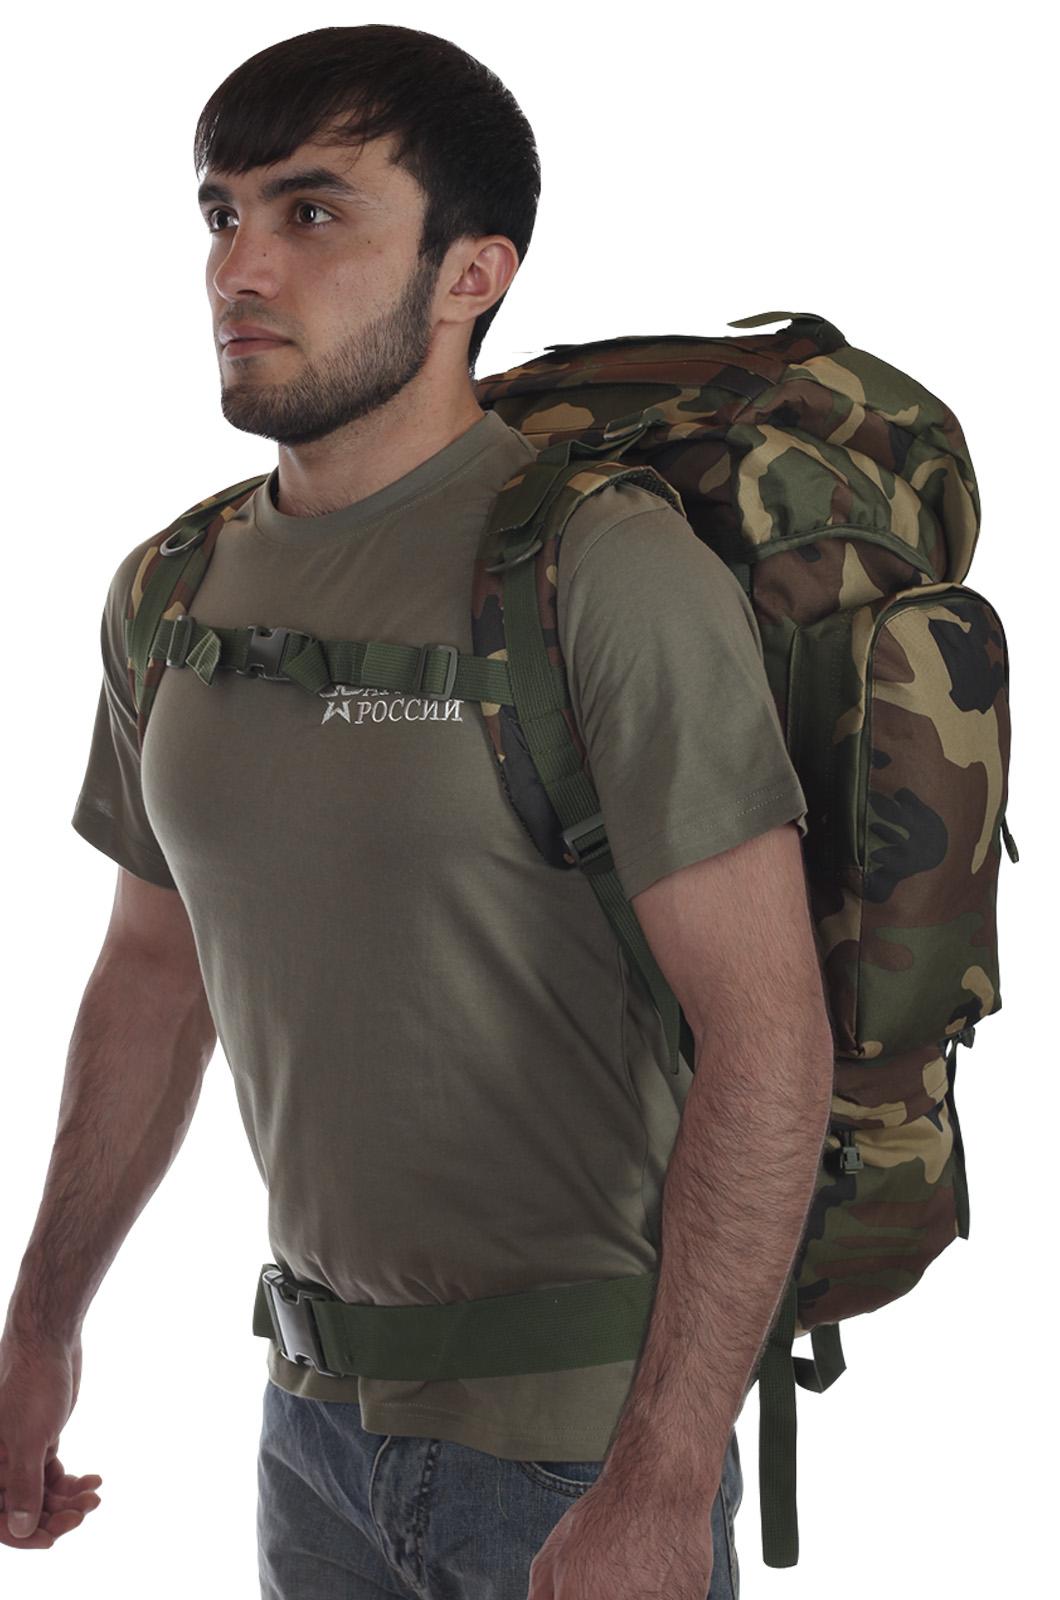 Камуфляжный рейдовый рюкзак CCE с нашивкой МВД - купить оптом